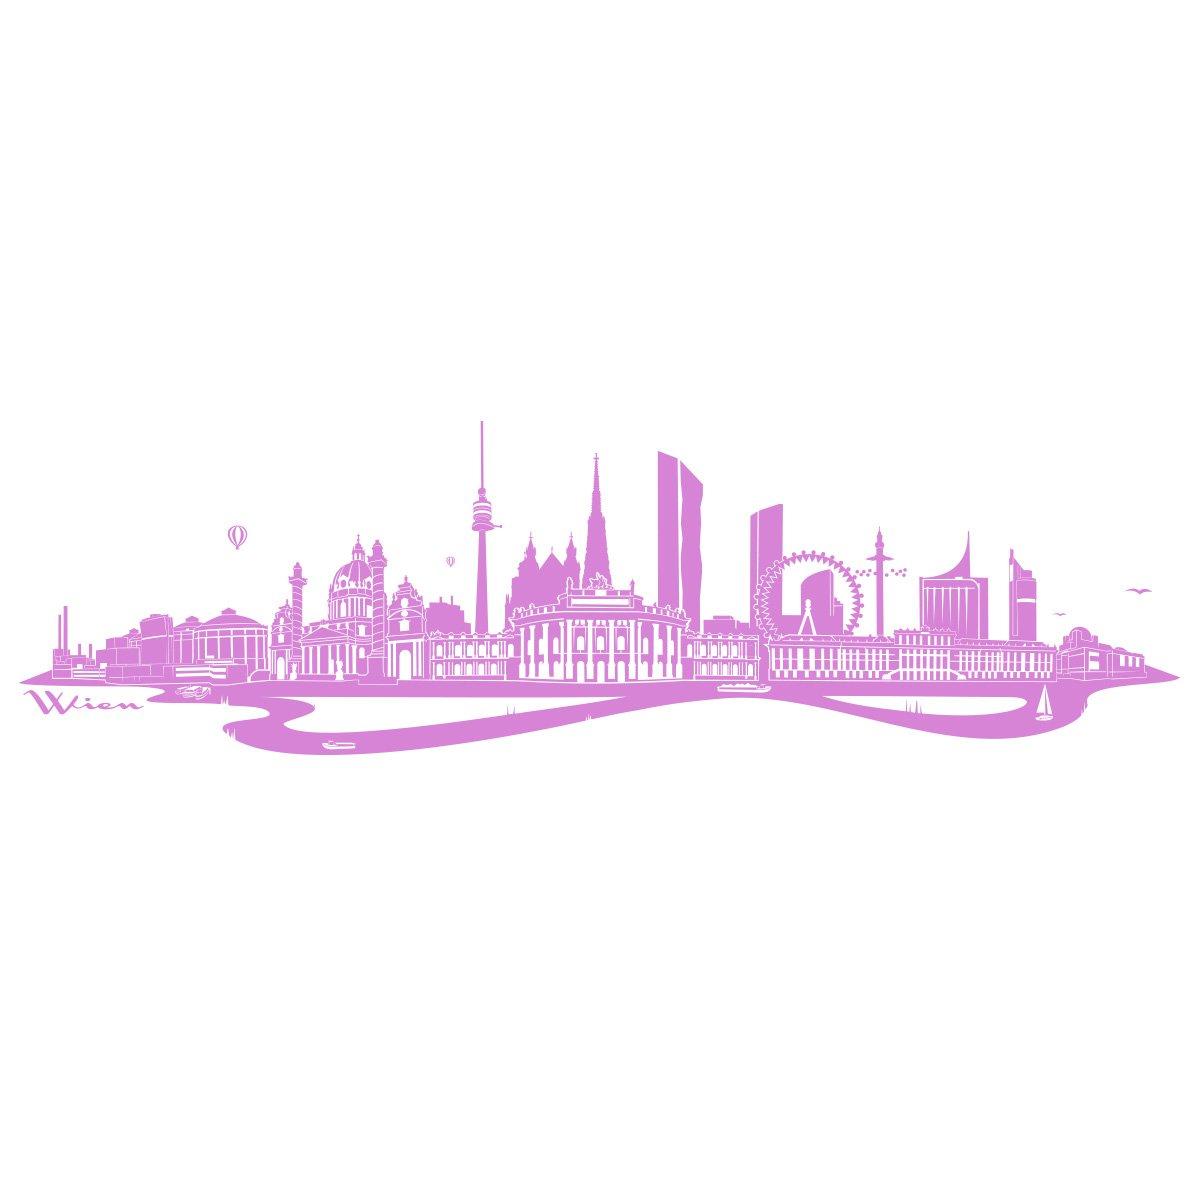 WANDKINGS Wandtattoo - Skyline Wien (mit Fluss) - 300 x 86 cm - Mittelgrau - Wähle aus 6 Größen & 35 Farben B078SGV7X2 Wandtattoos & Wandbilder